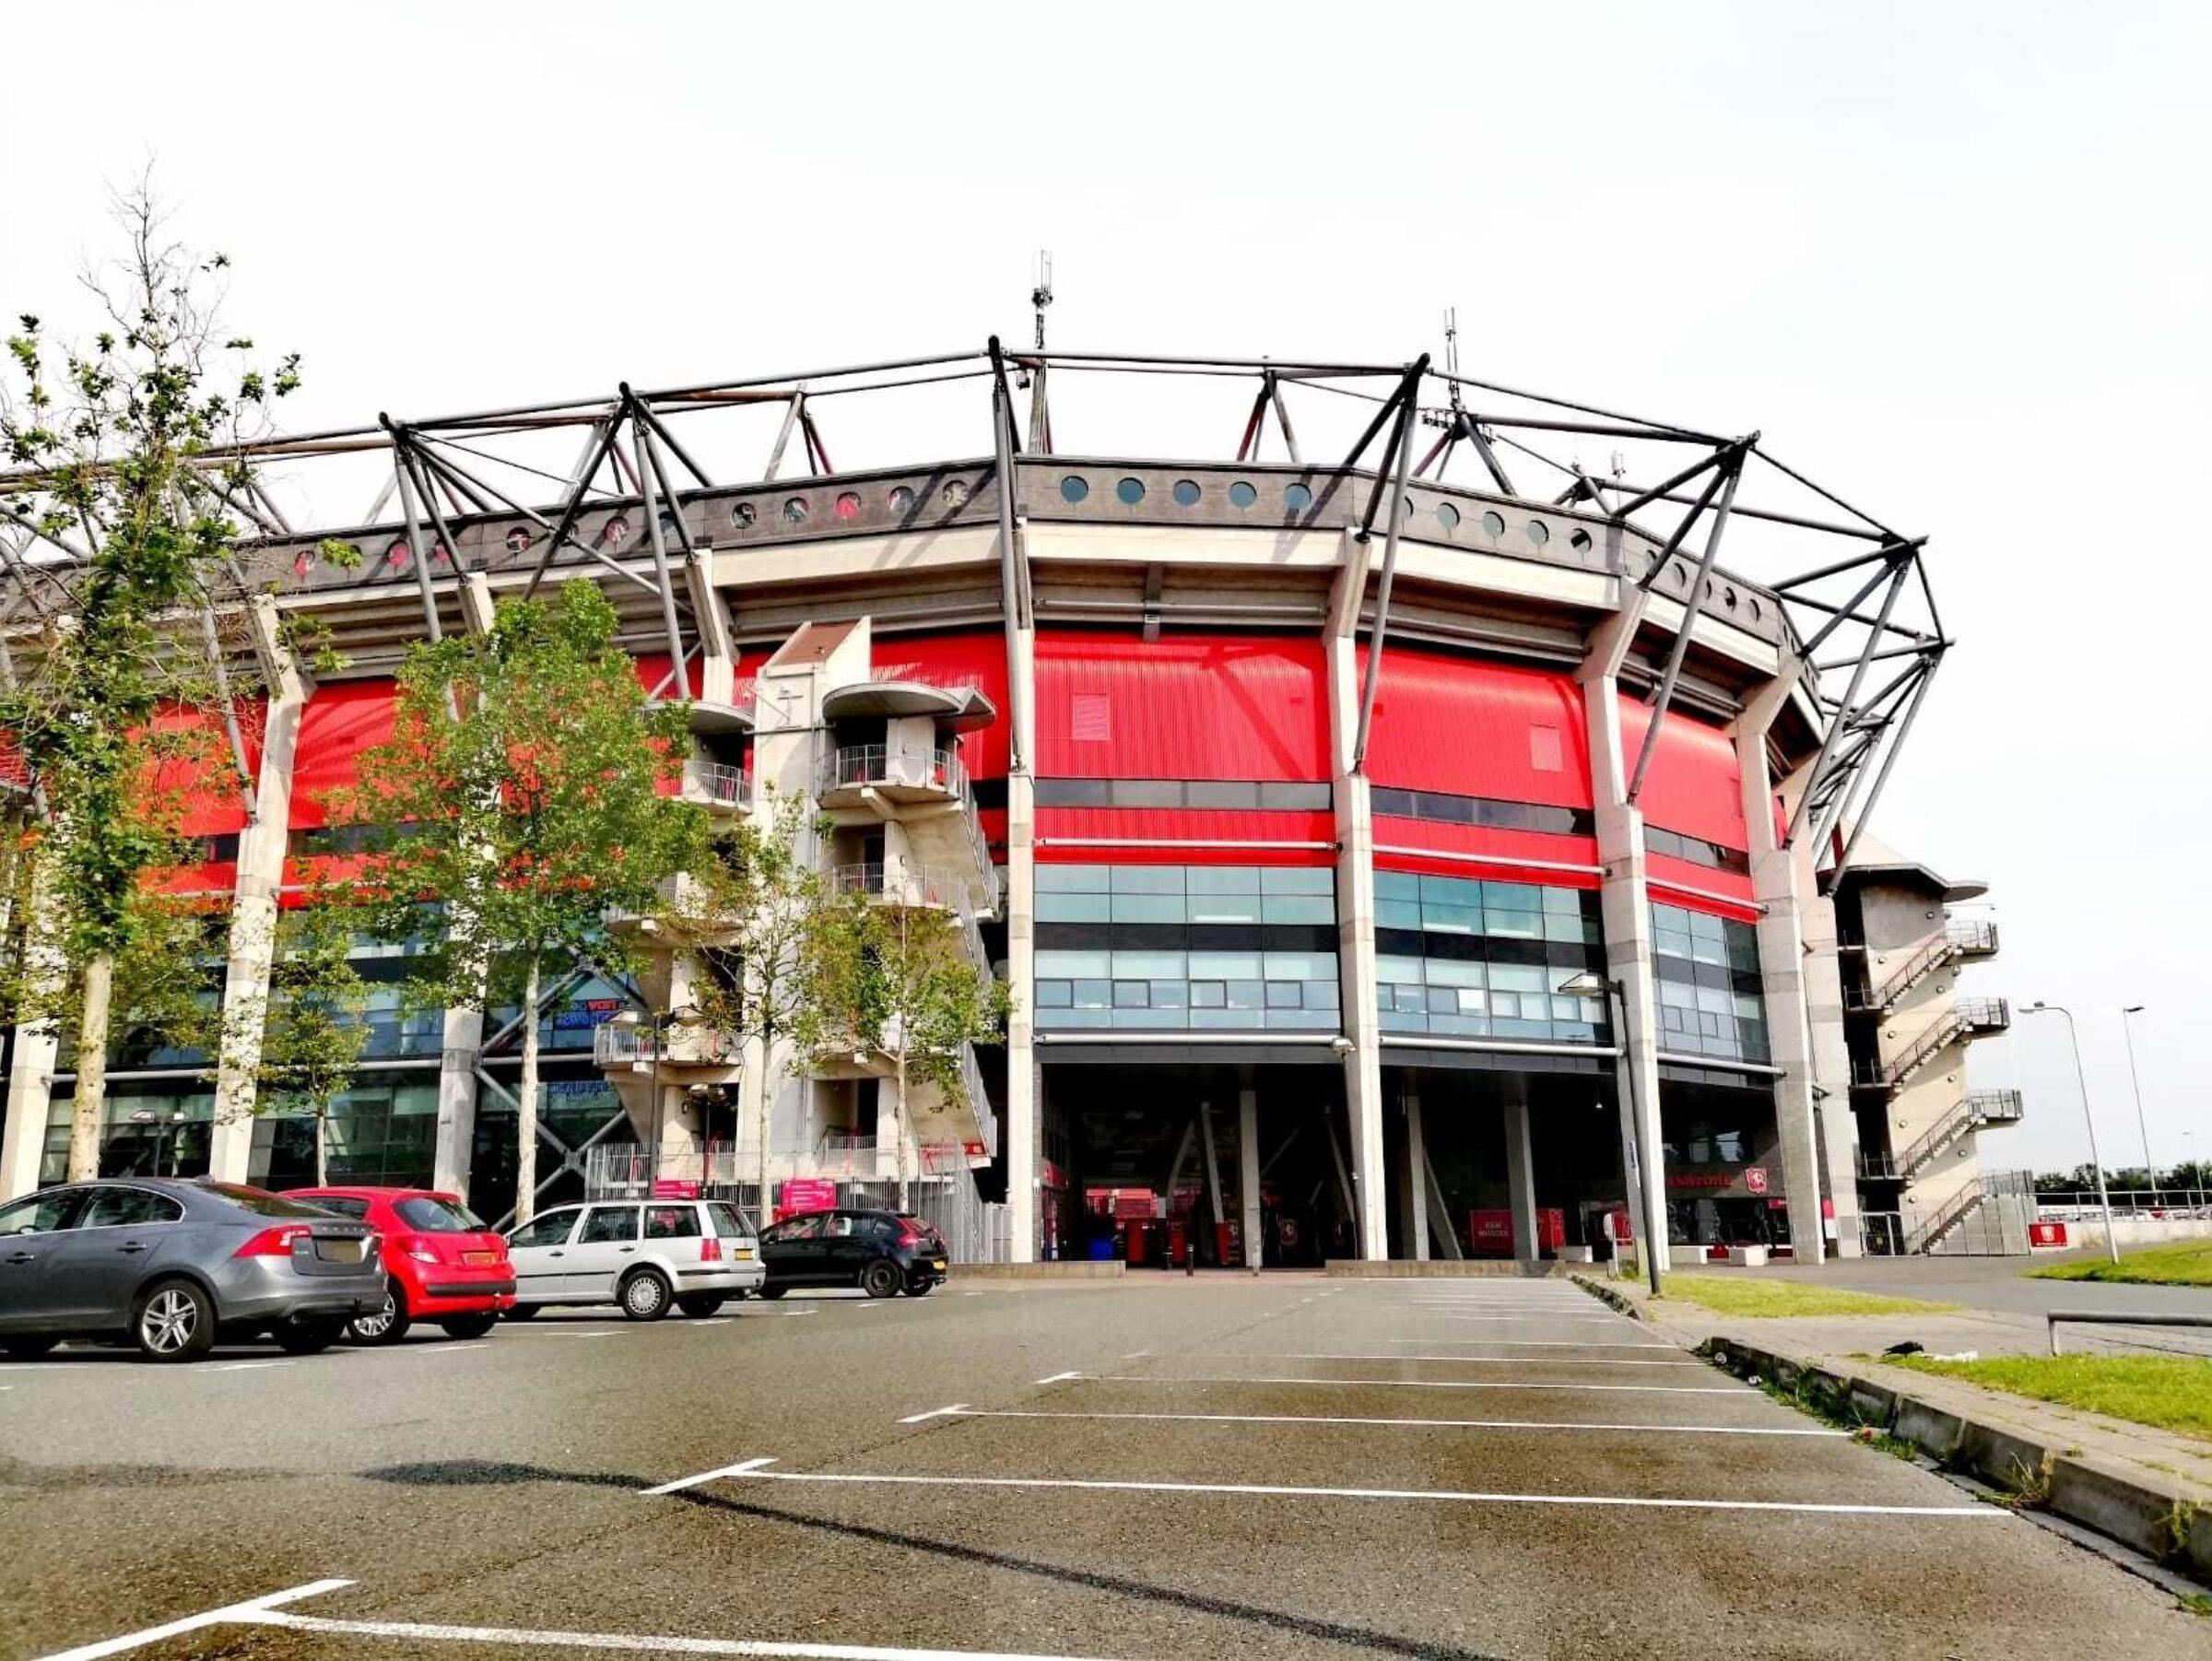 2019 Marscha Nijhuis Grolsch Veste Fc Twente 2